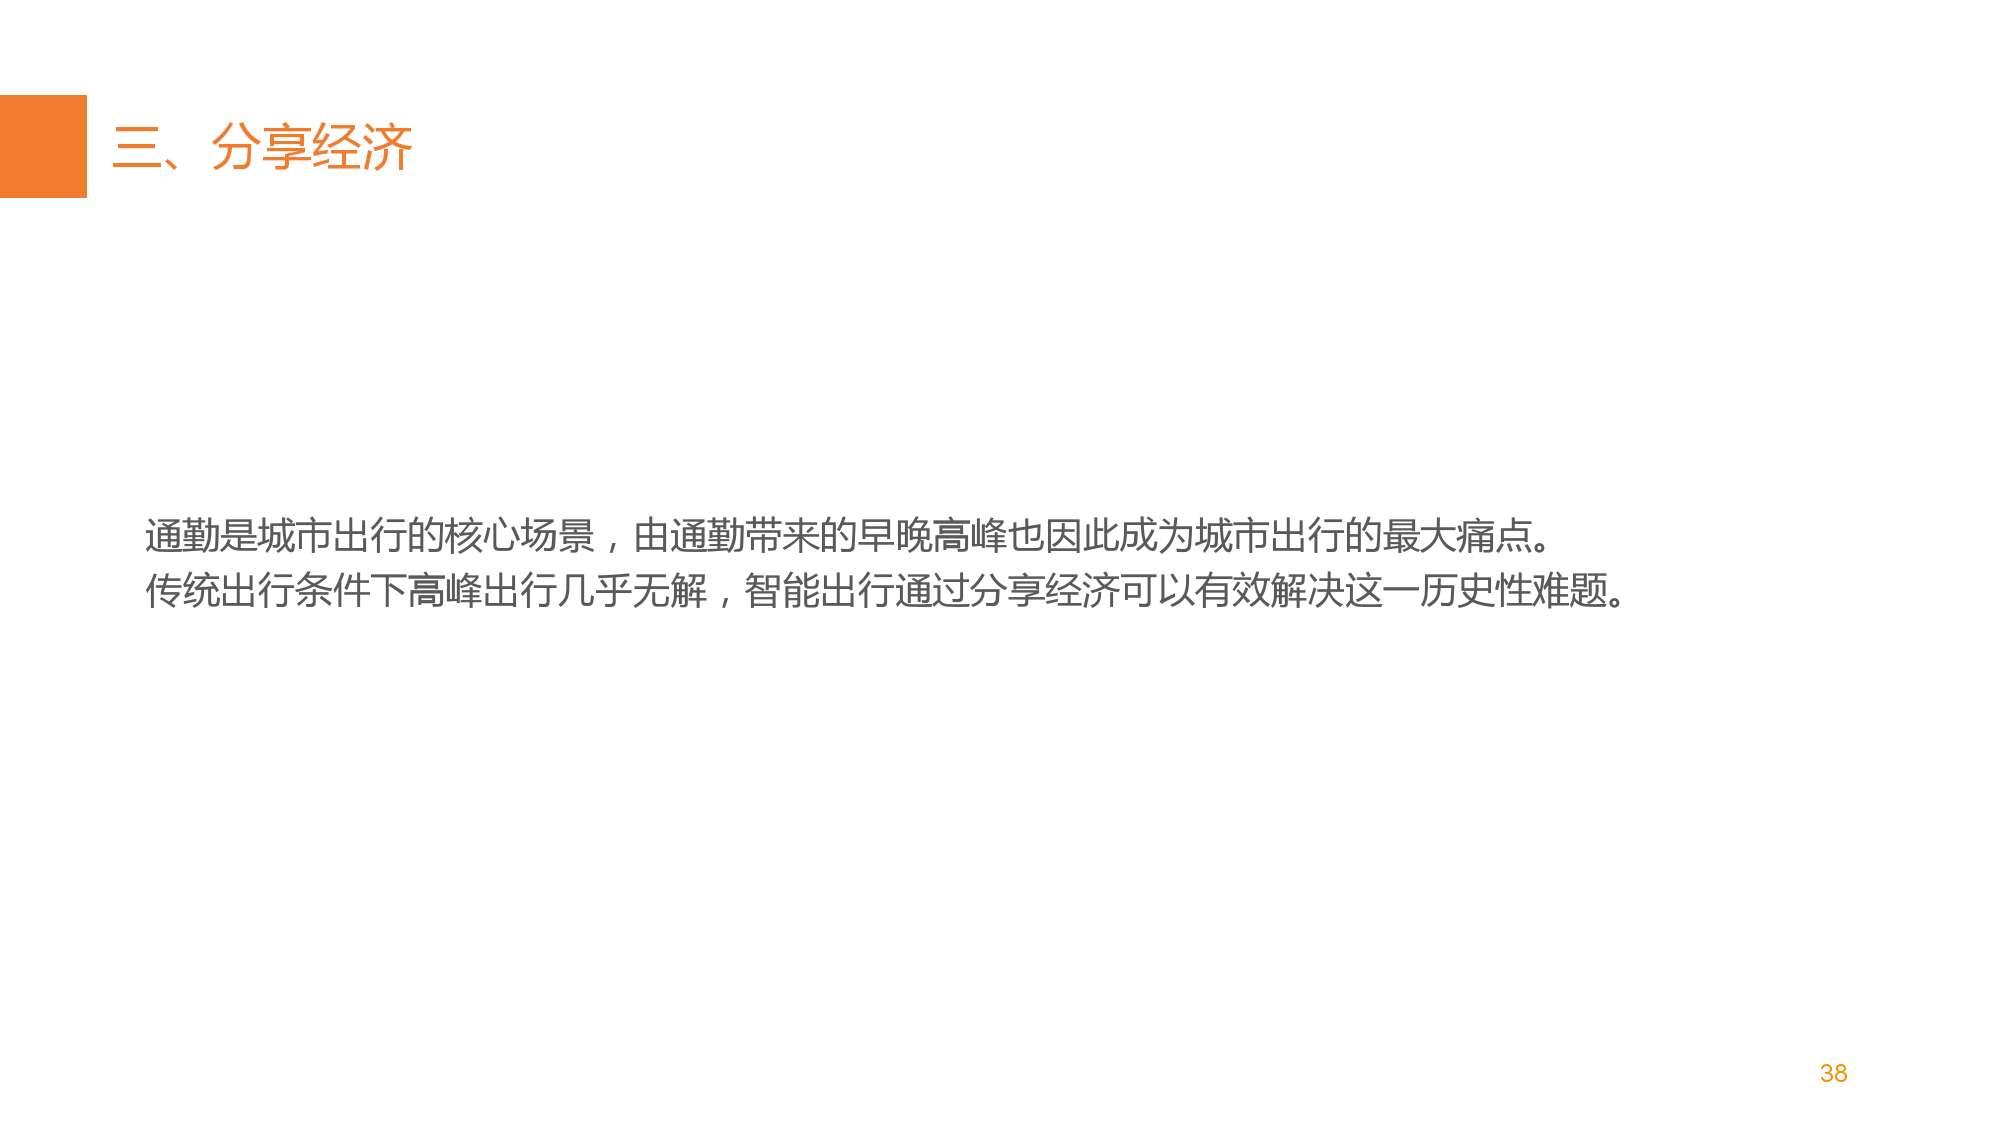 中国智能出行2015大数据报告_000039